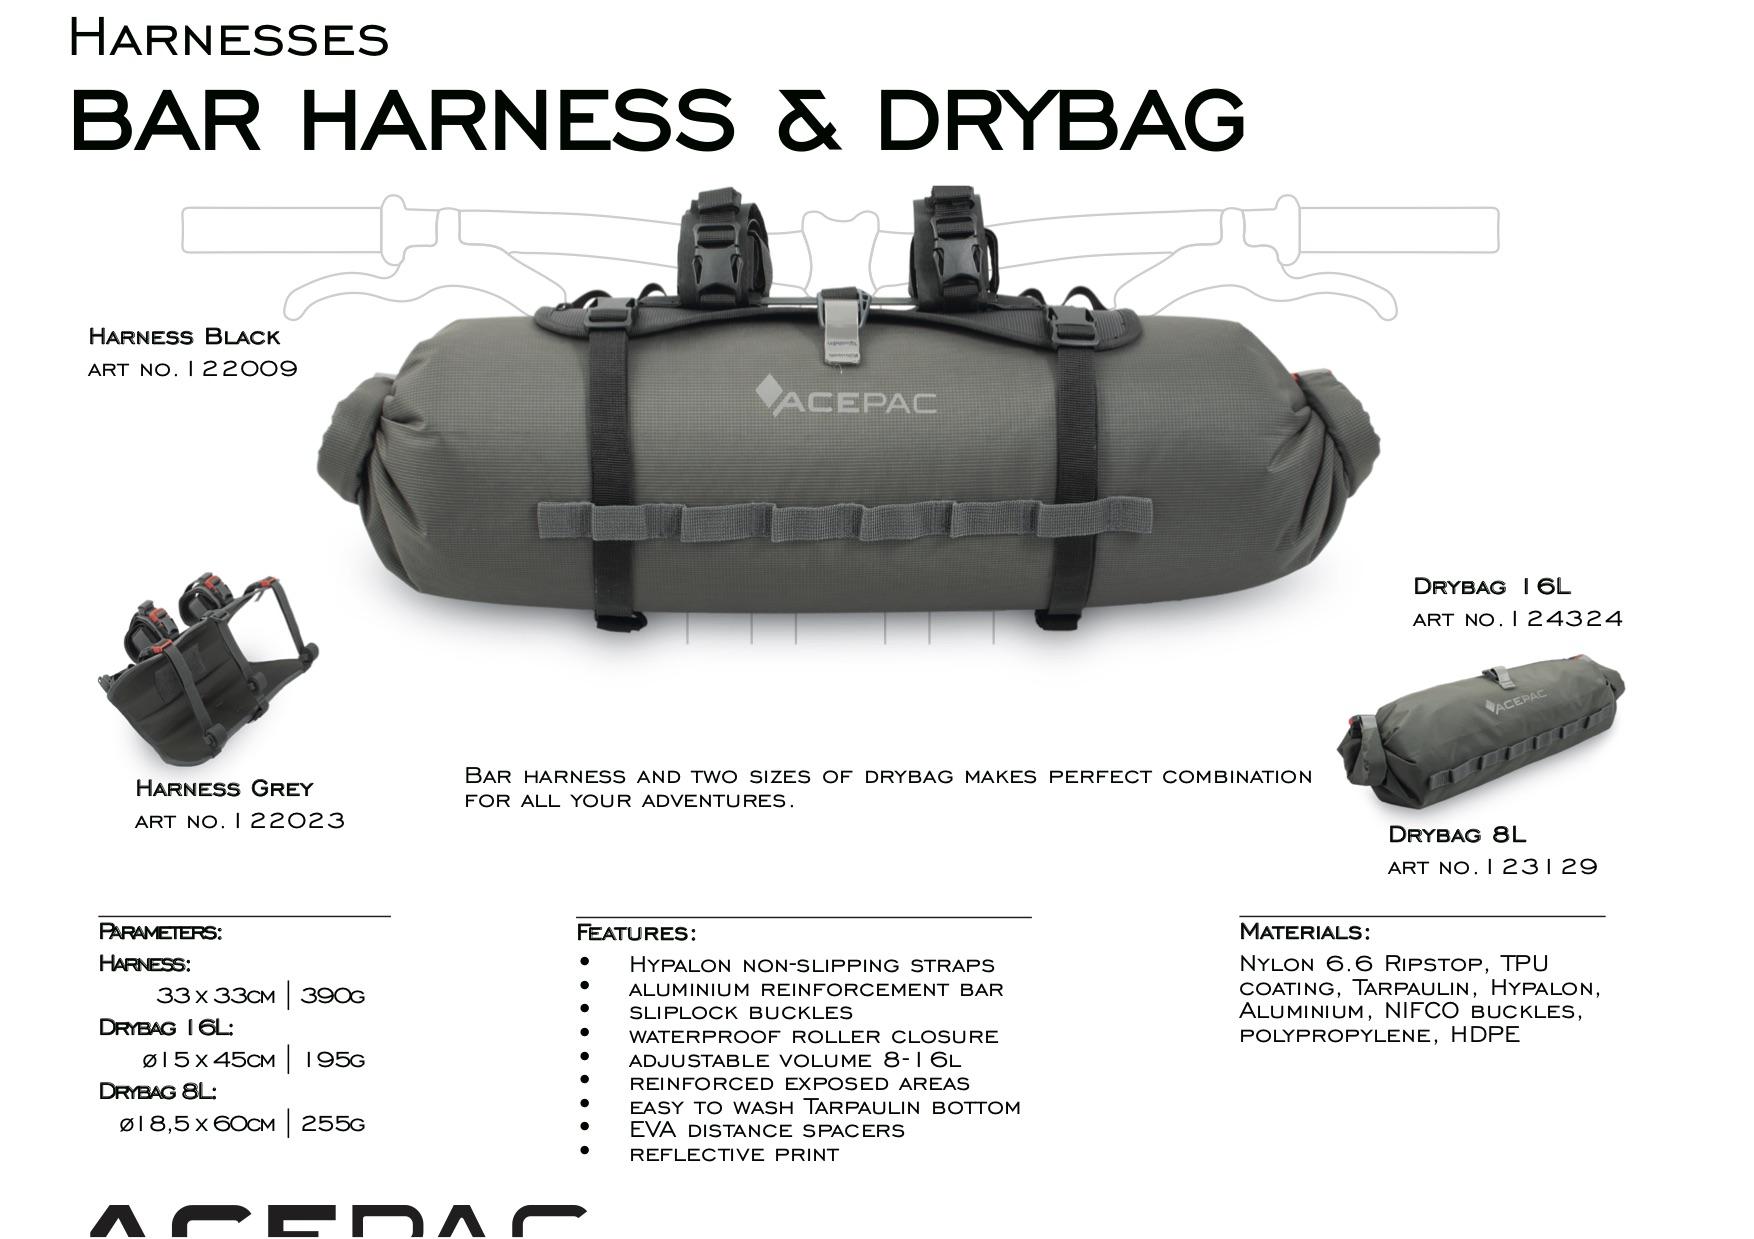 Acepac_Bar_Drybag_katalog_1